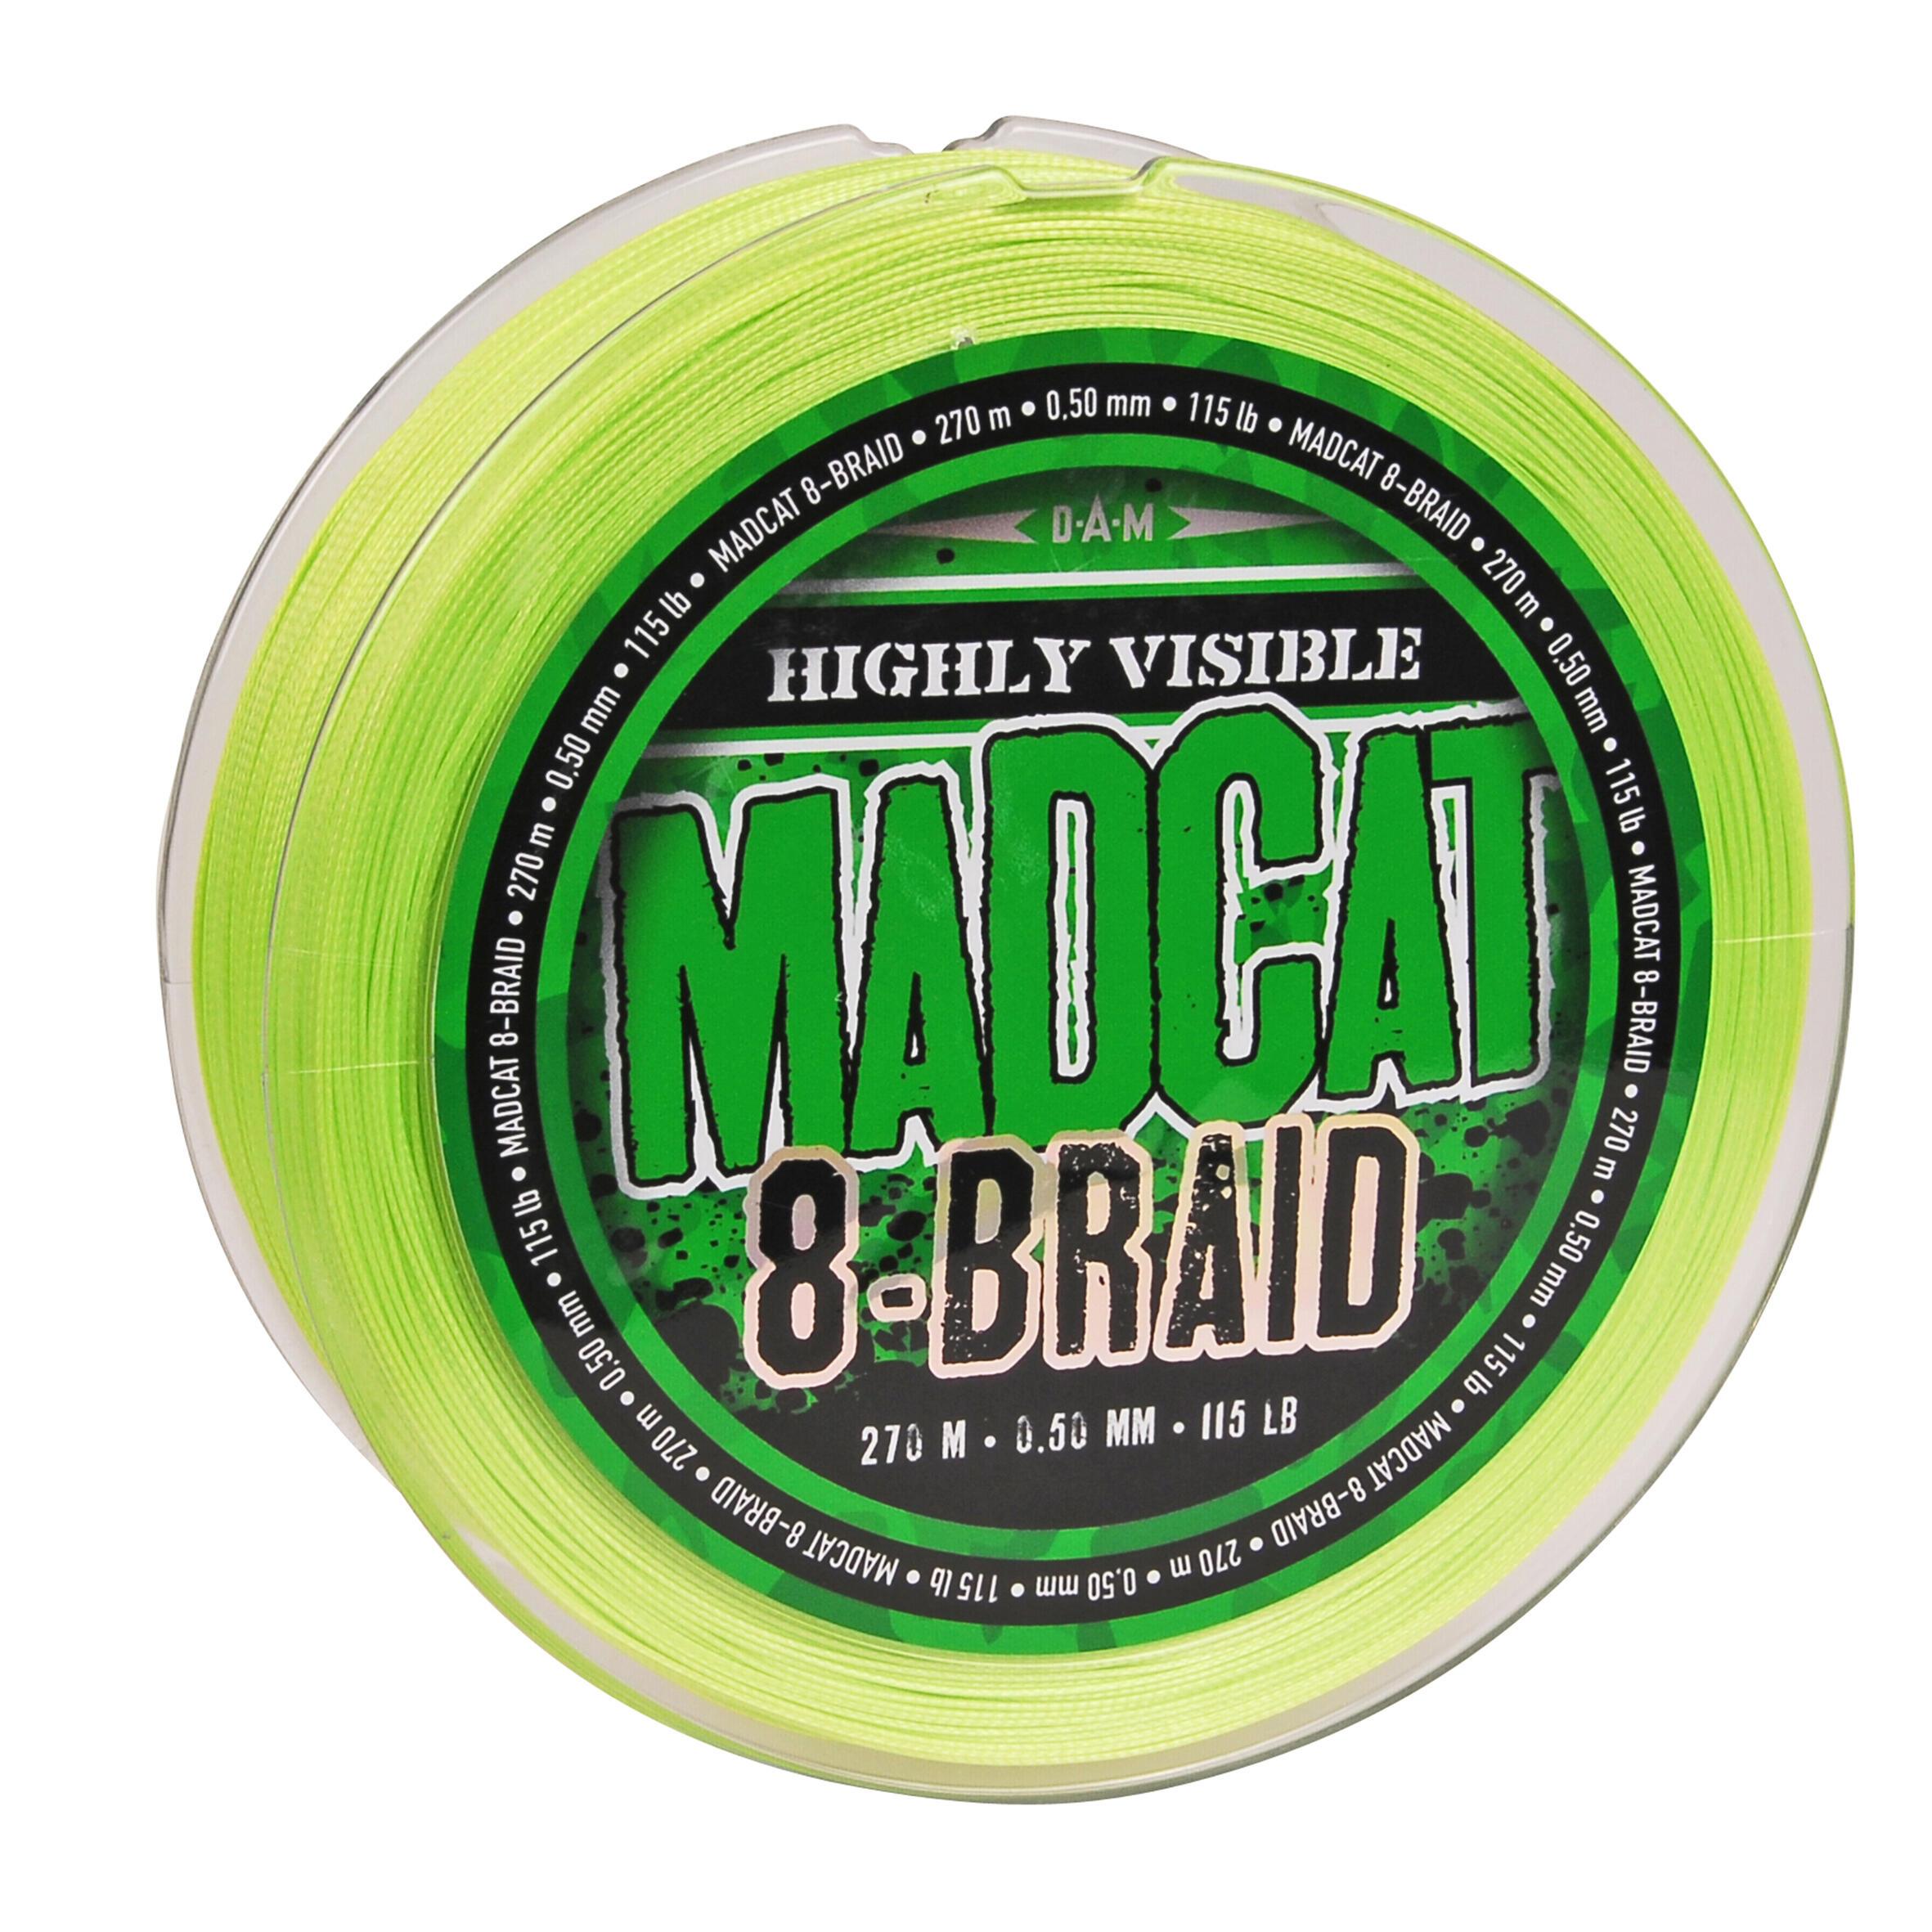 Madcat Gevlochten draad hengelsport Madcat 8-Braid 270 m 60/100